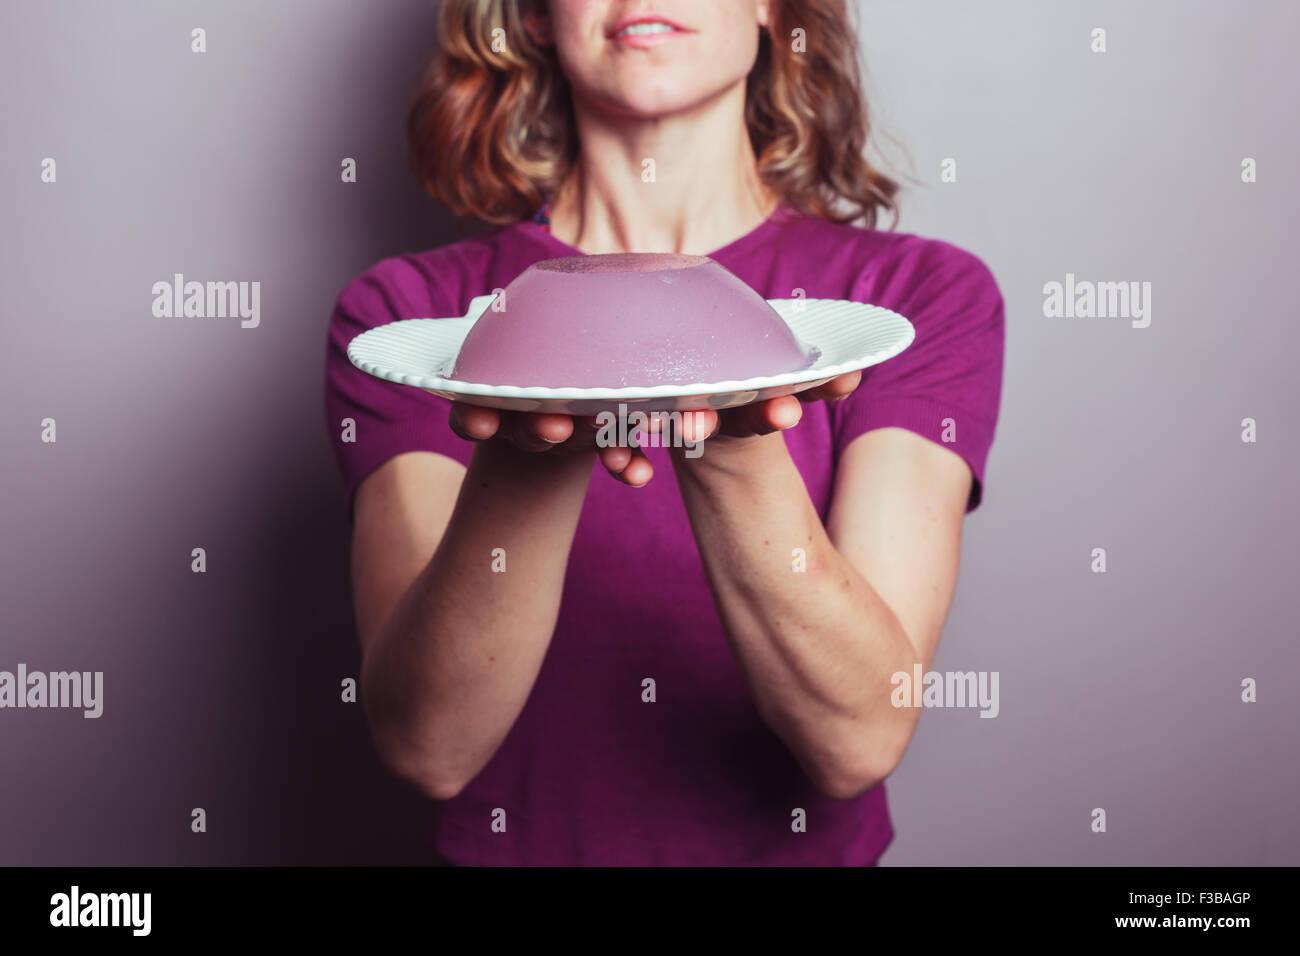 Una giovane donna in un viola è superiore presentante una piastra di gelatina Immagini Stock